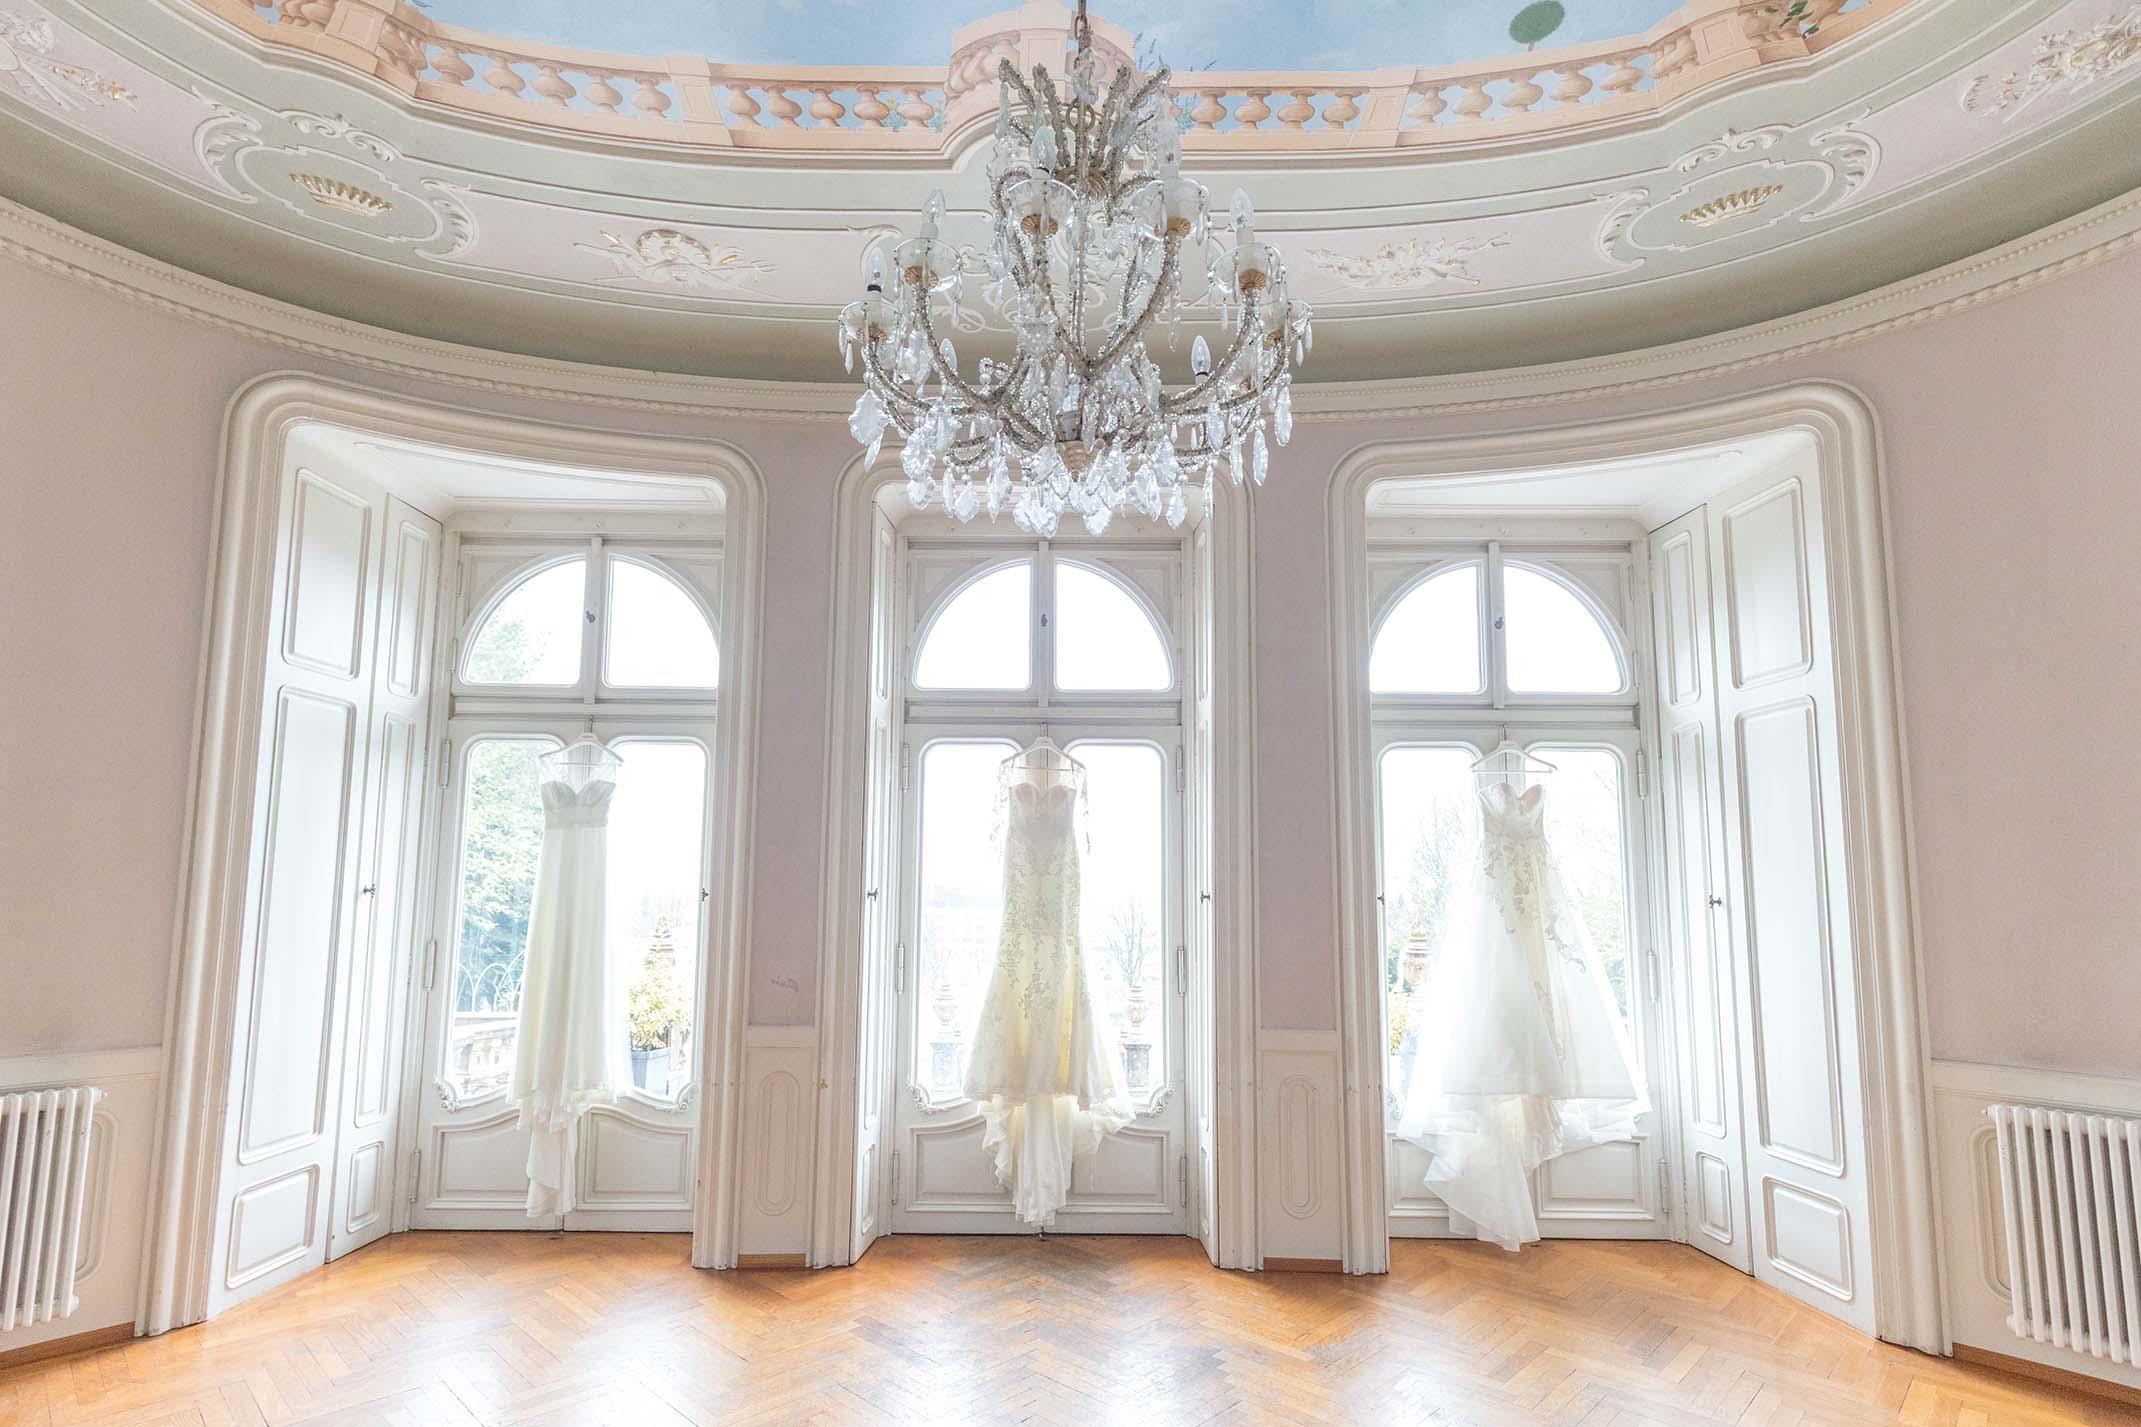 Lunardi Cerimonia – Brautkleider, Hochzeitsanzüge & mehr